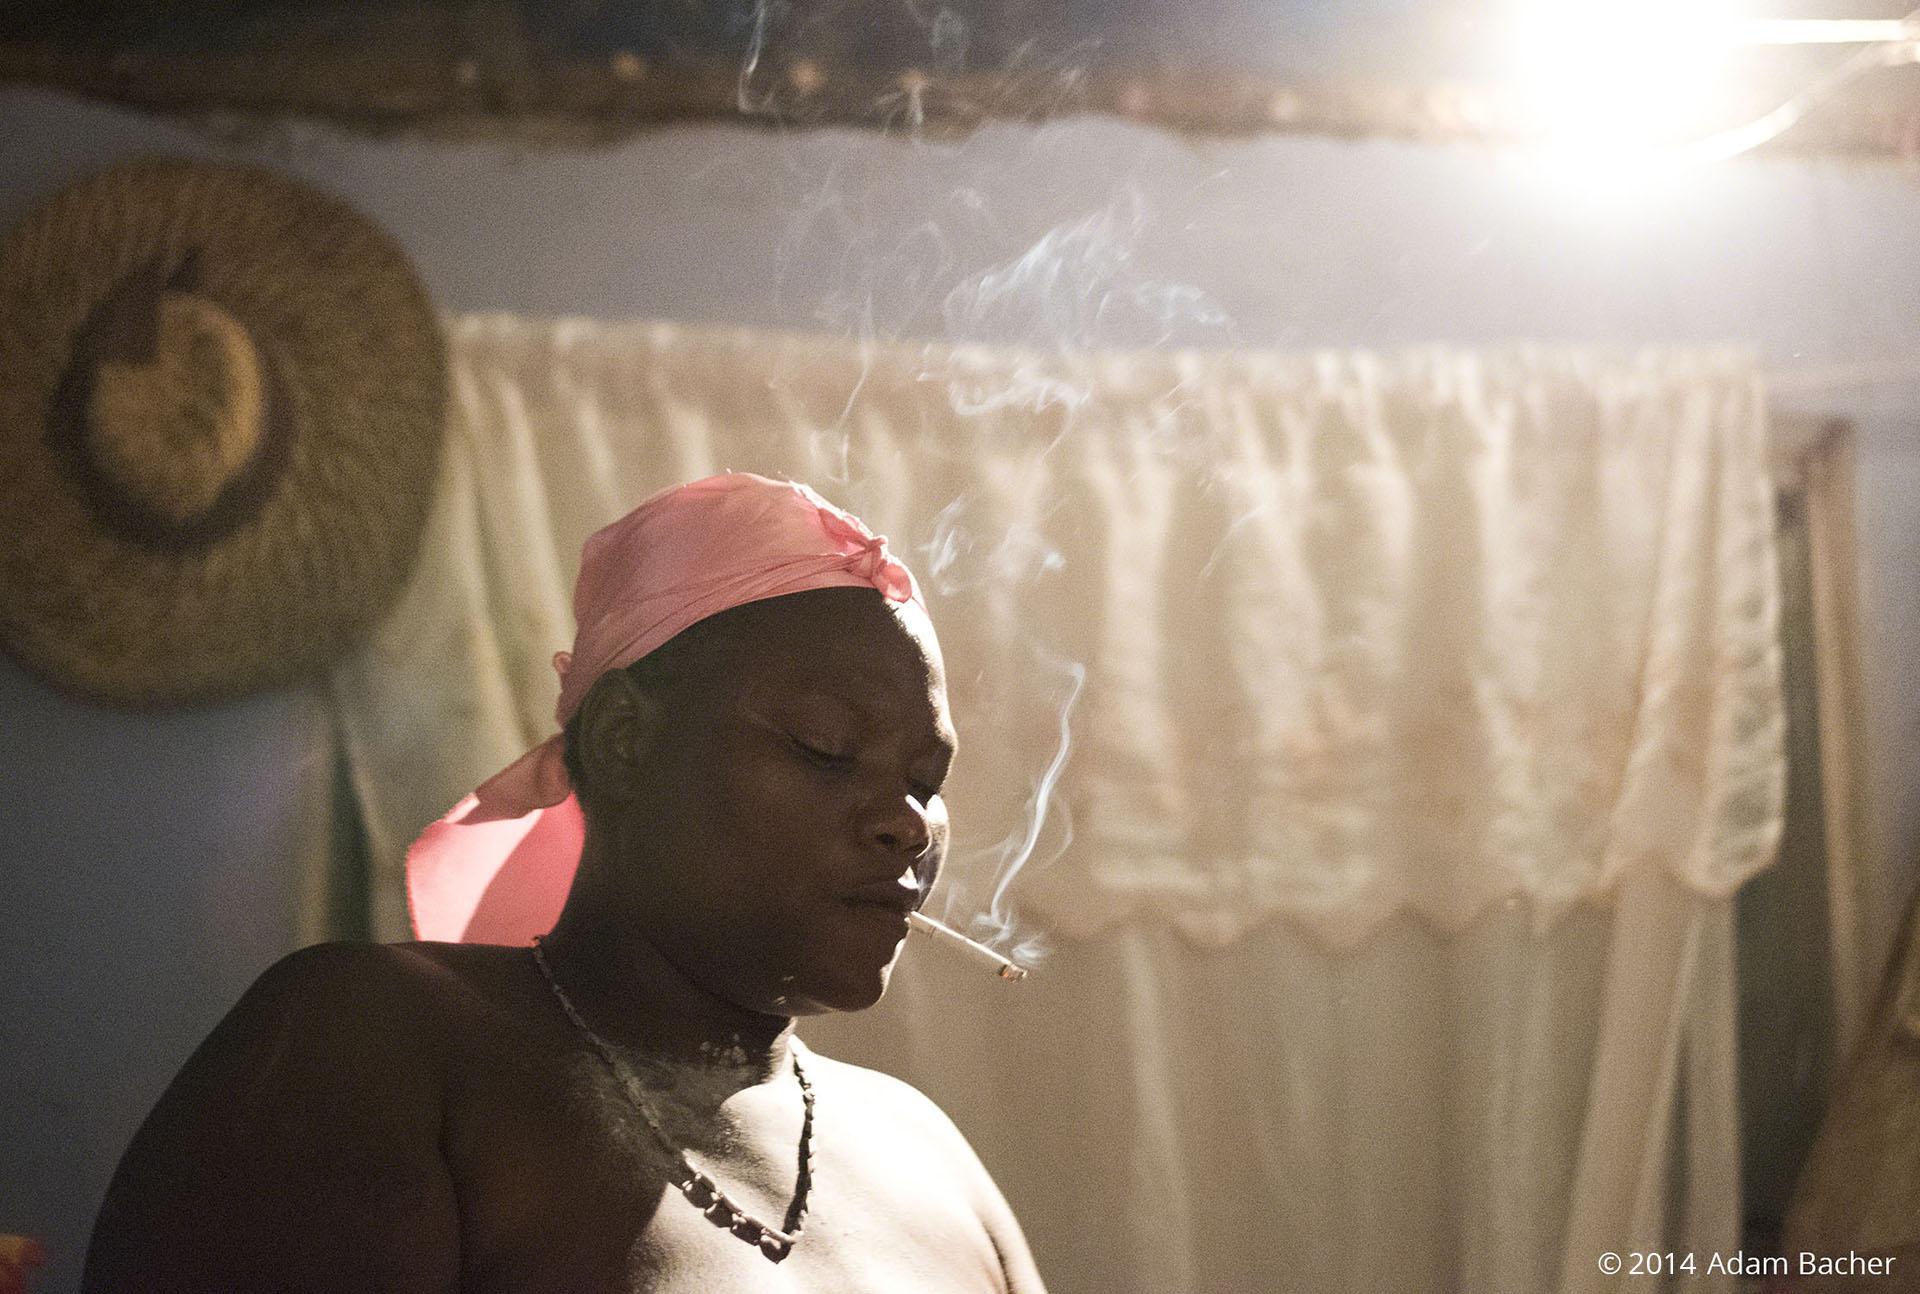 halloween vodou ceremony in haiti